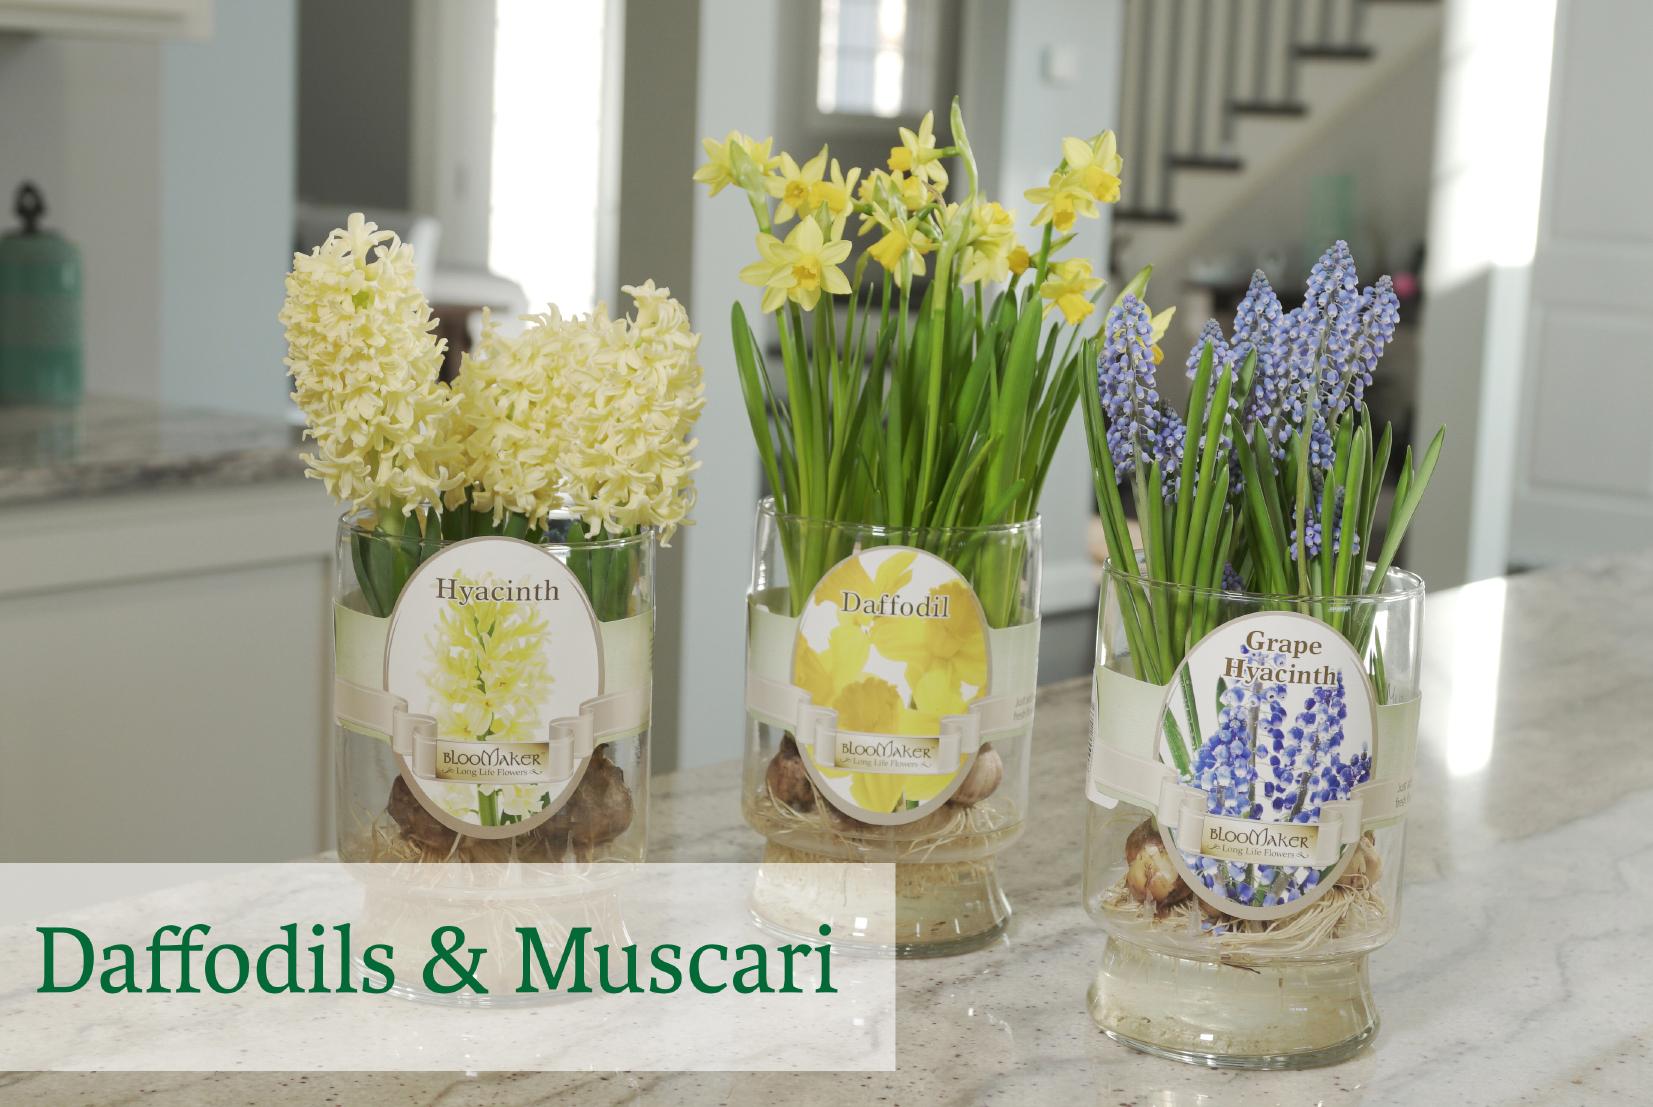 Daffodils & Muscari